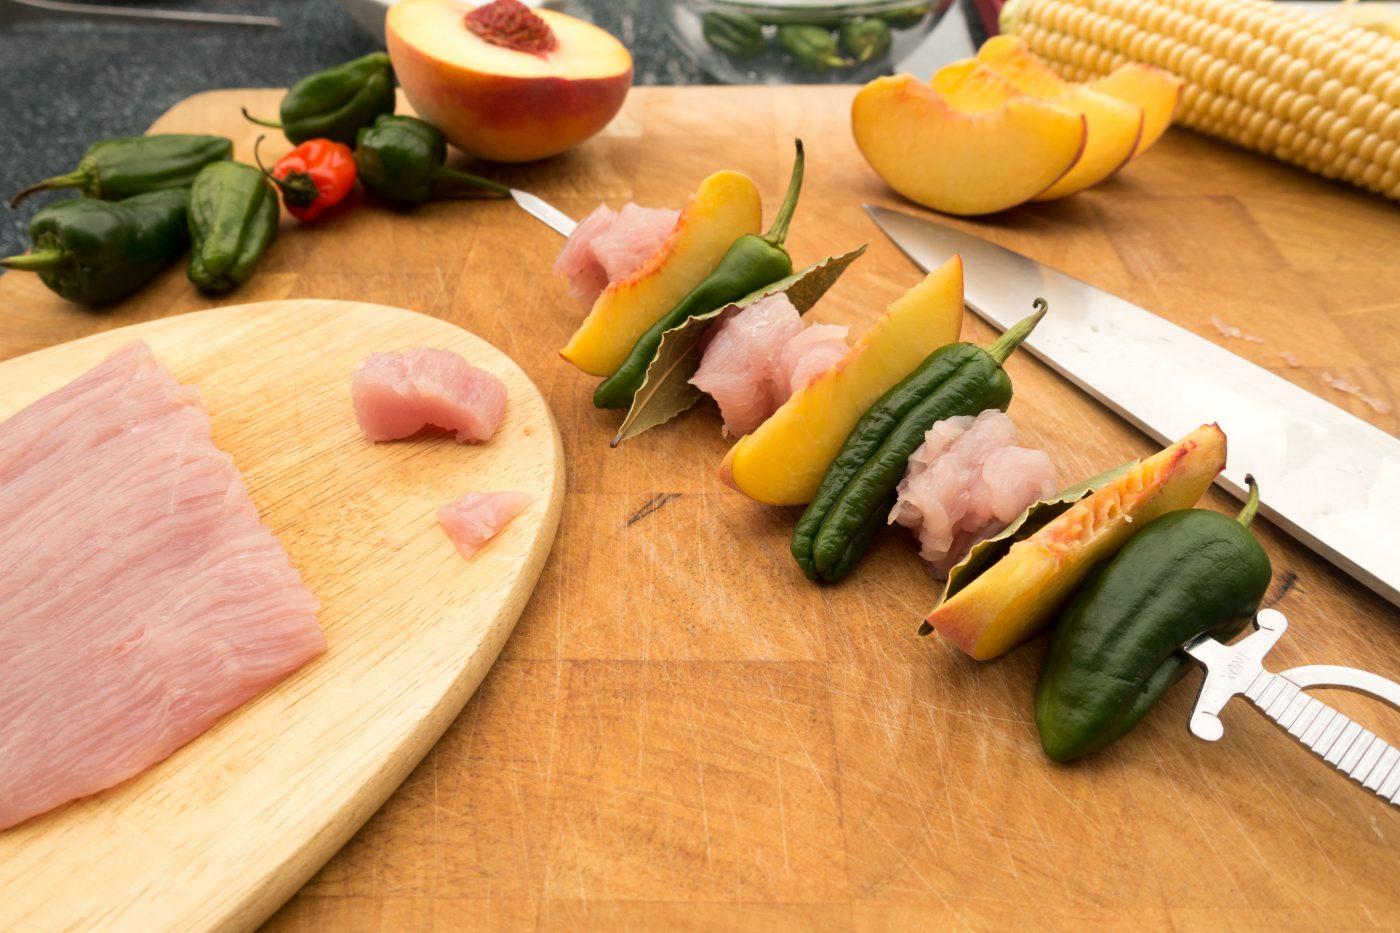 Putenspiesse mit Pfirsich & Pimientos de Padron